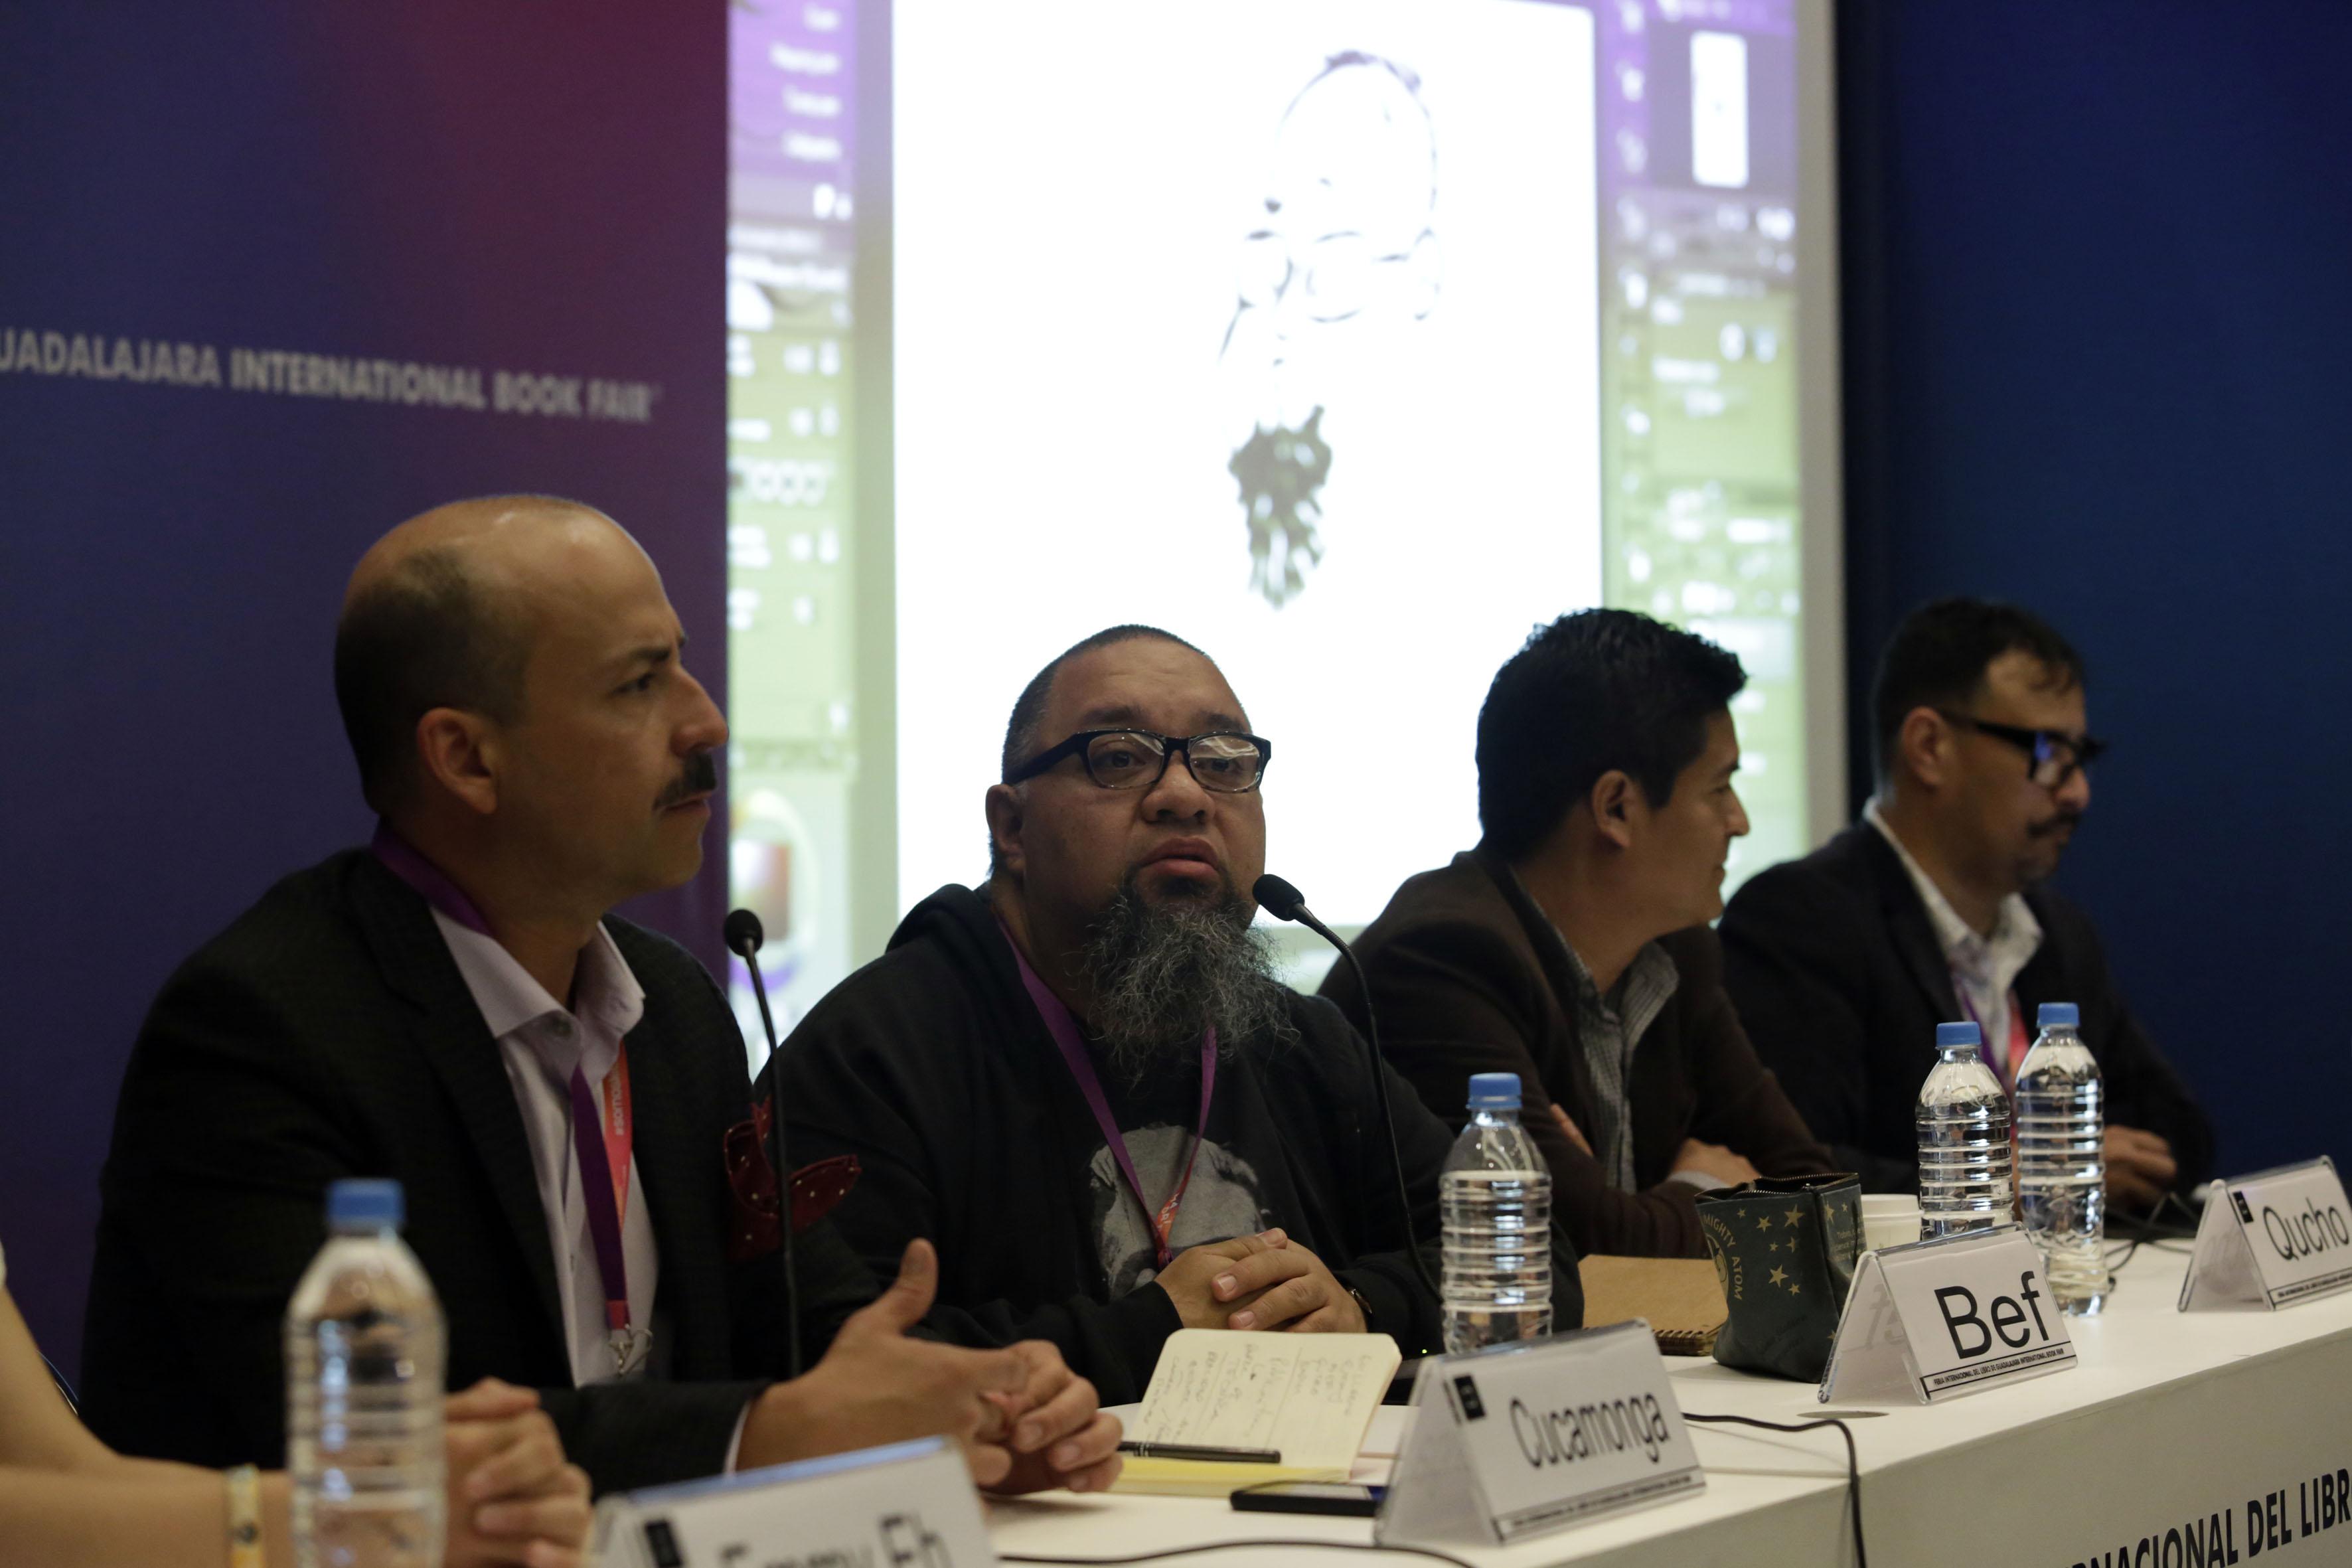 Caricaturistas latinoamericanos, destacados por retratar diferentes ámbitos de la vida política, social y cultural, participando como miembros del presídium en la mesa inaugural